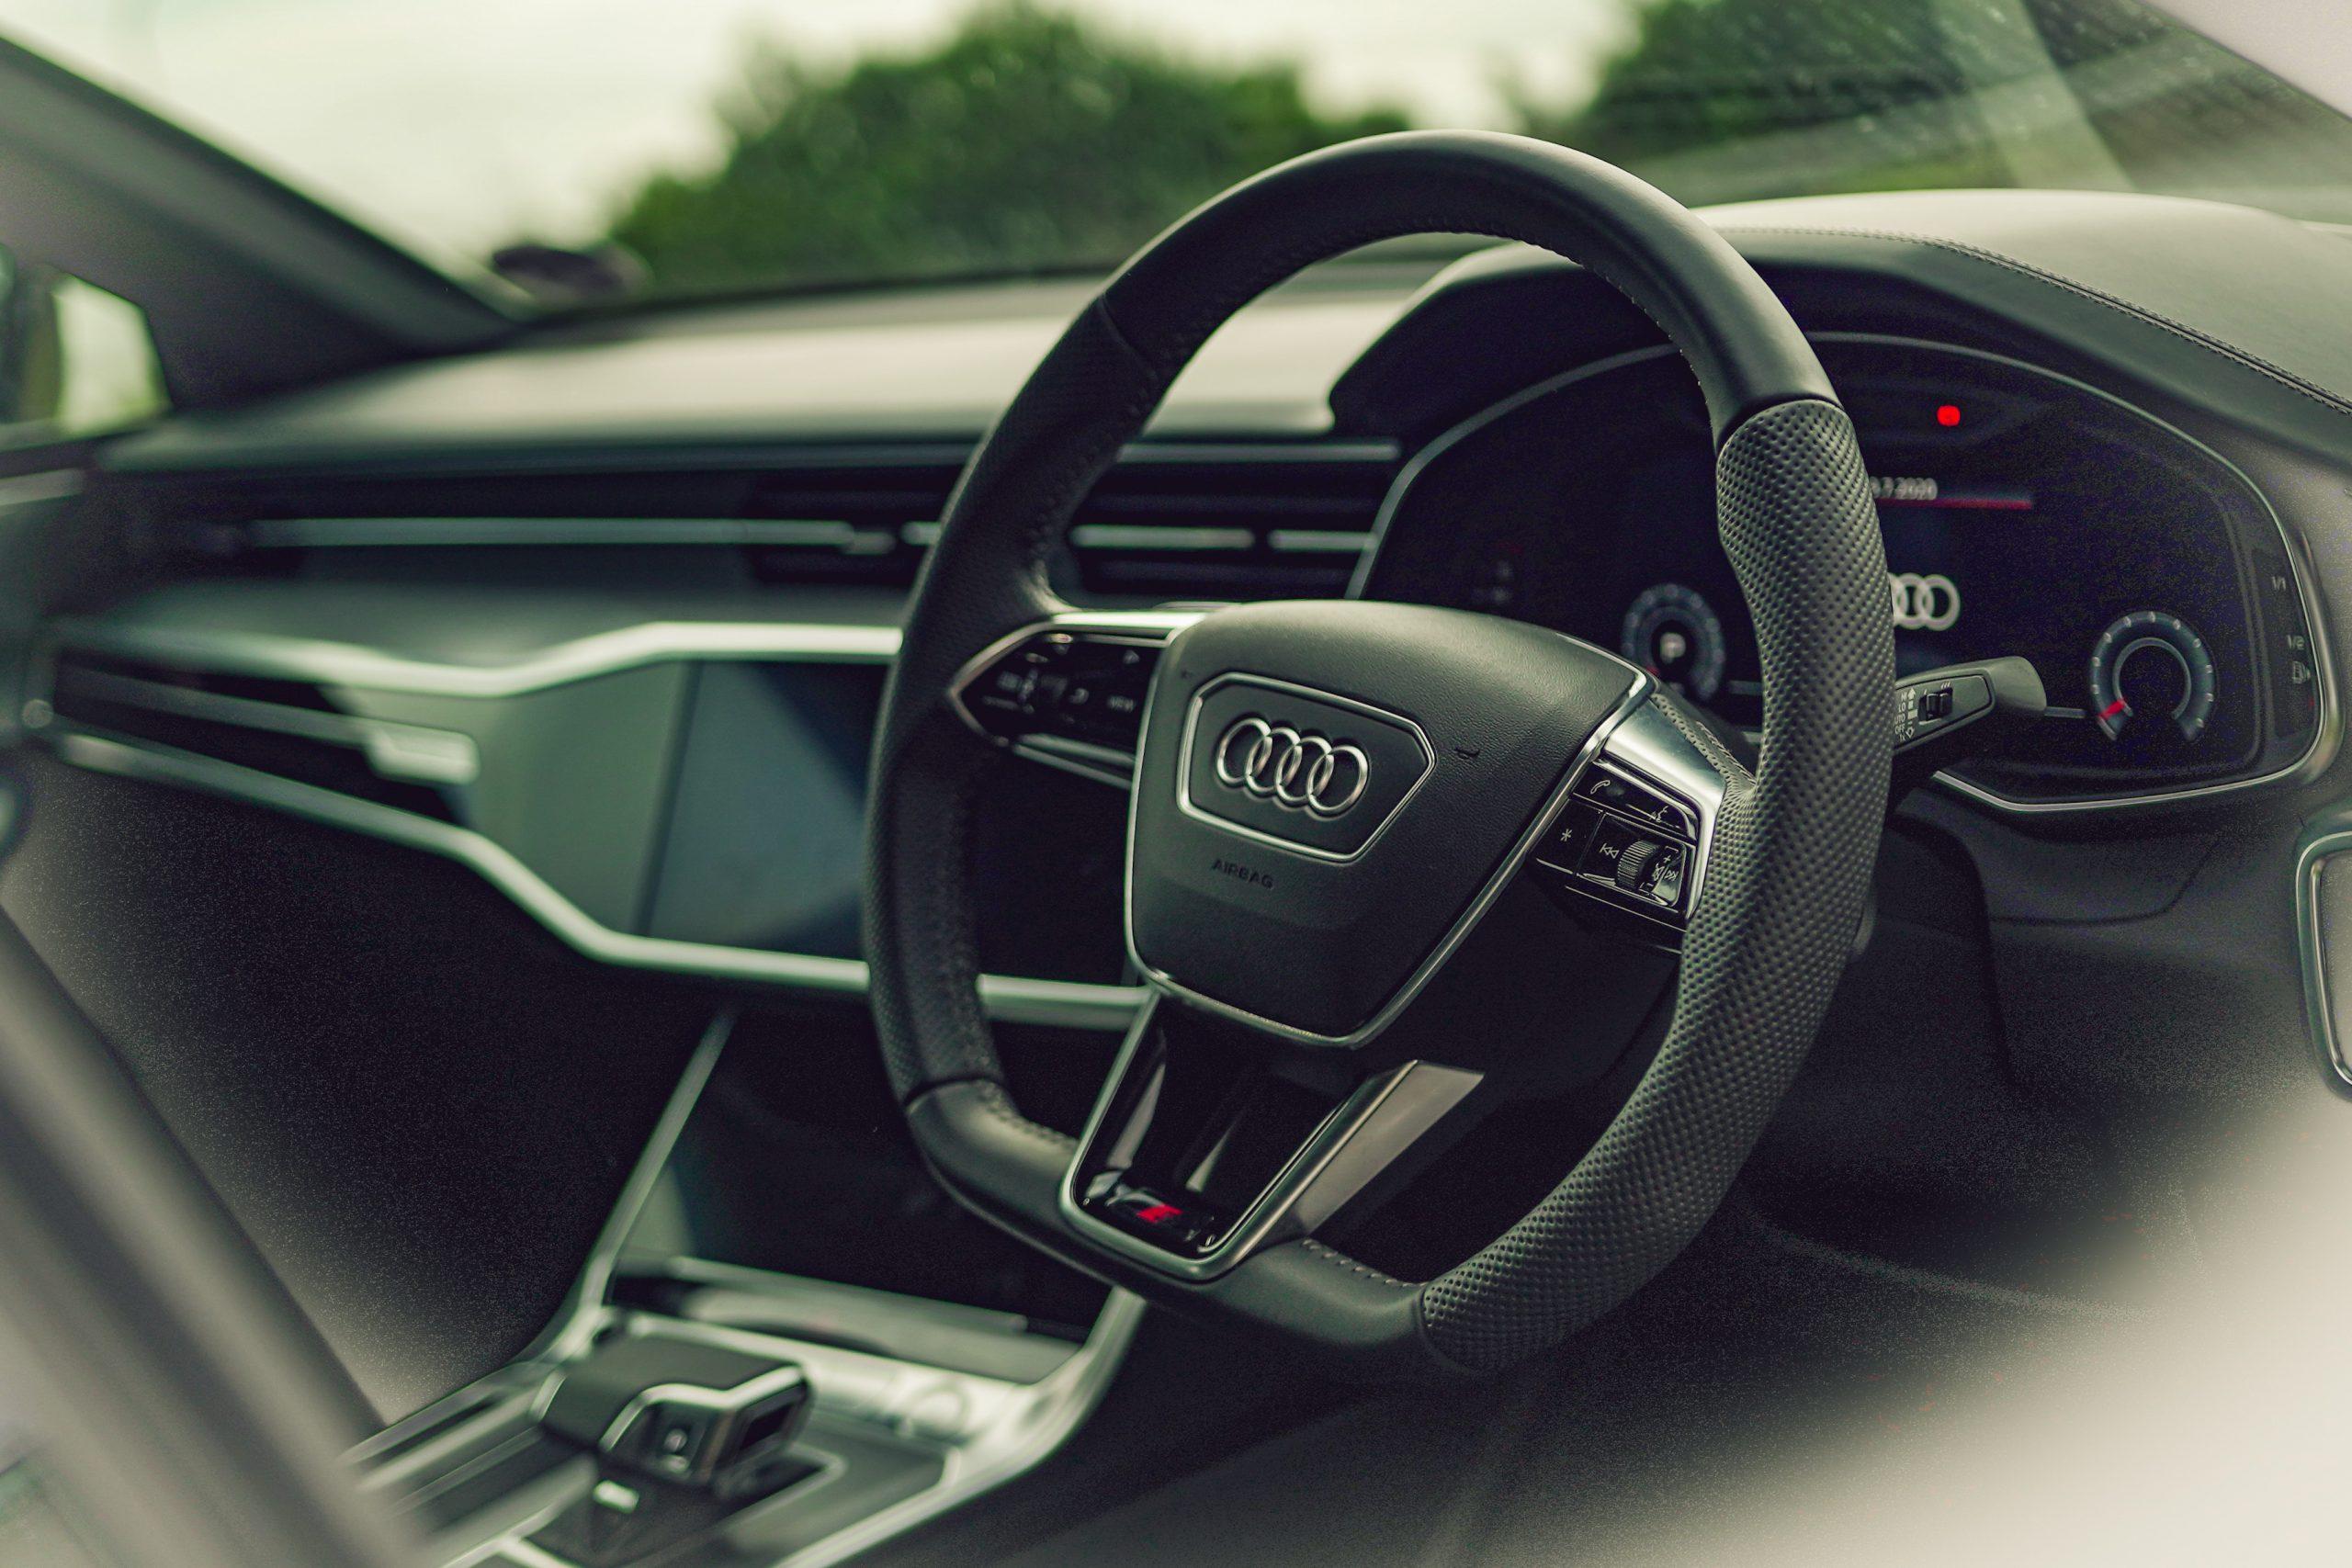 Audi A7 55 TFSI cabin